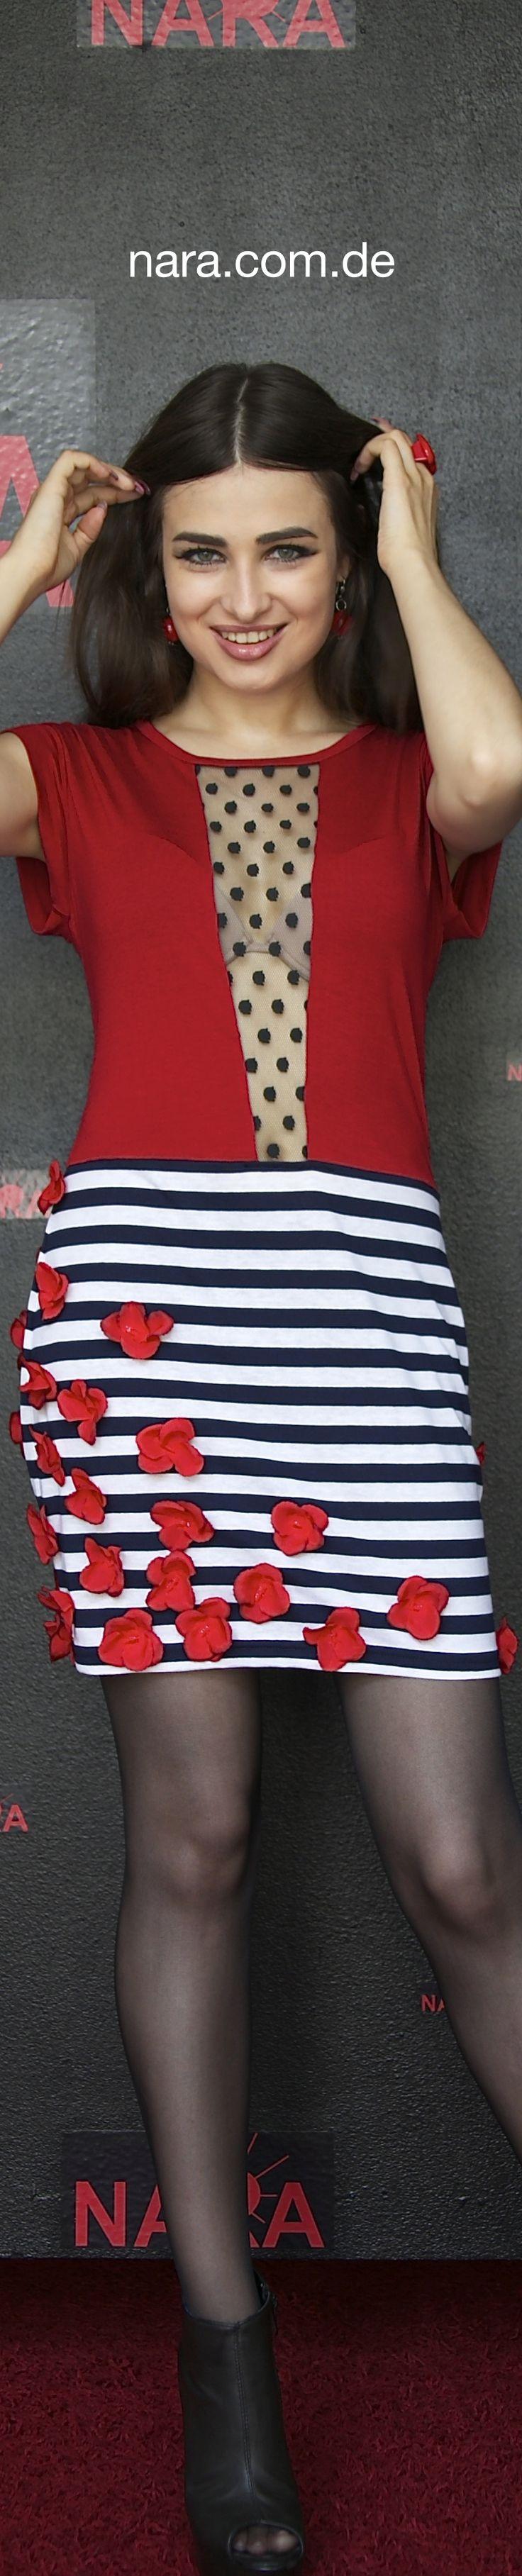 www.nara.com.de    Cocktailkleid, Partykleid, Volantkleid, Außergewohnliches Abend Cocktaikleid sehr aufwendiges Kleid, das etwas andere, Paillettenkleid, One-Shoulder-Kleid, Minikleid, enges Kleid, sexy Kleid, kurzeskleid, Bandeau-Kleider, Bustierkleid, Ballonkleid, Spitzenkleid, Babydoll Kleid